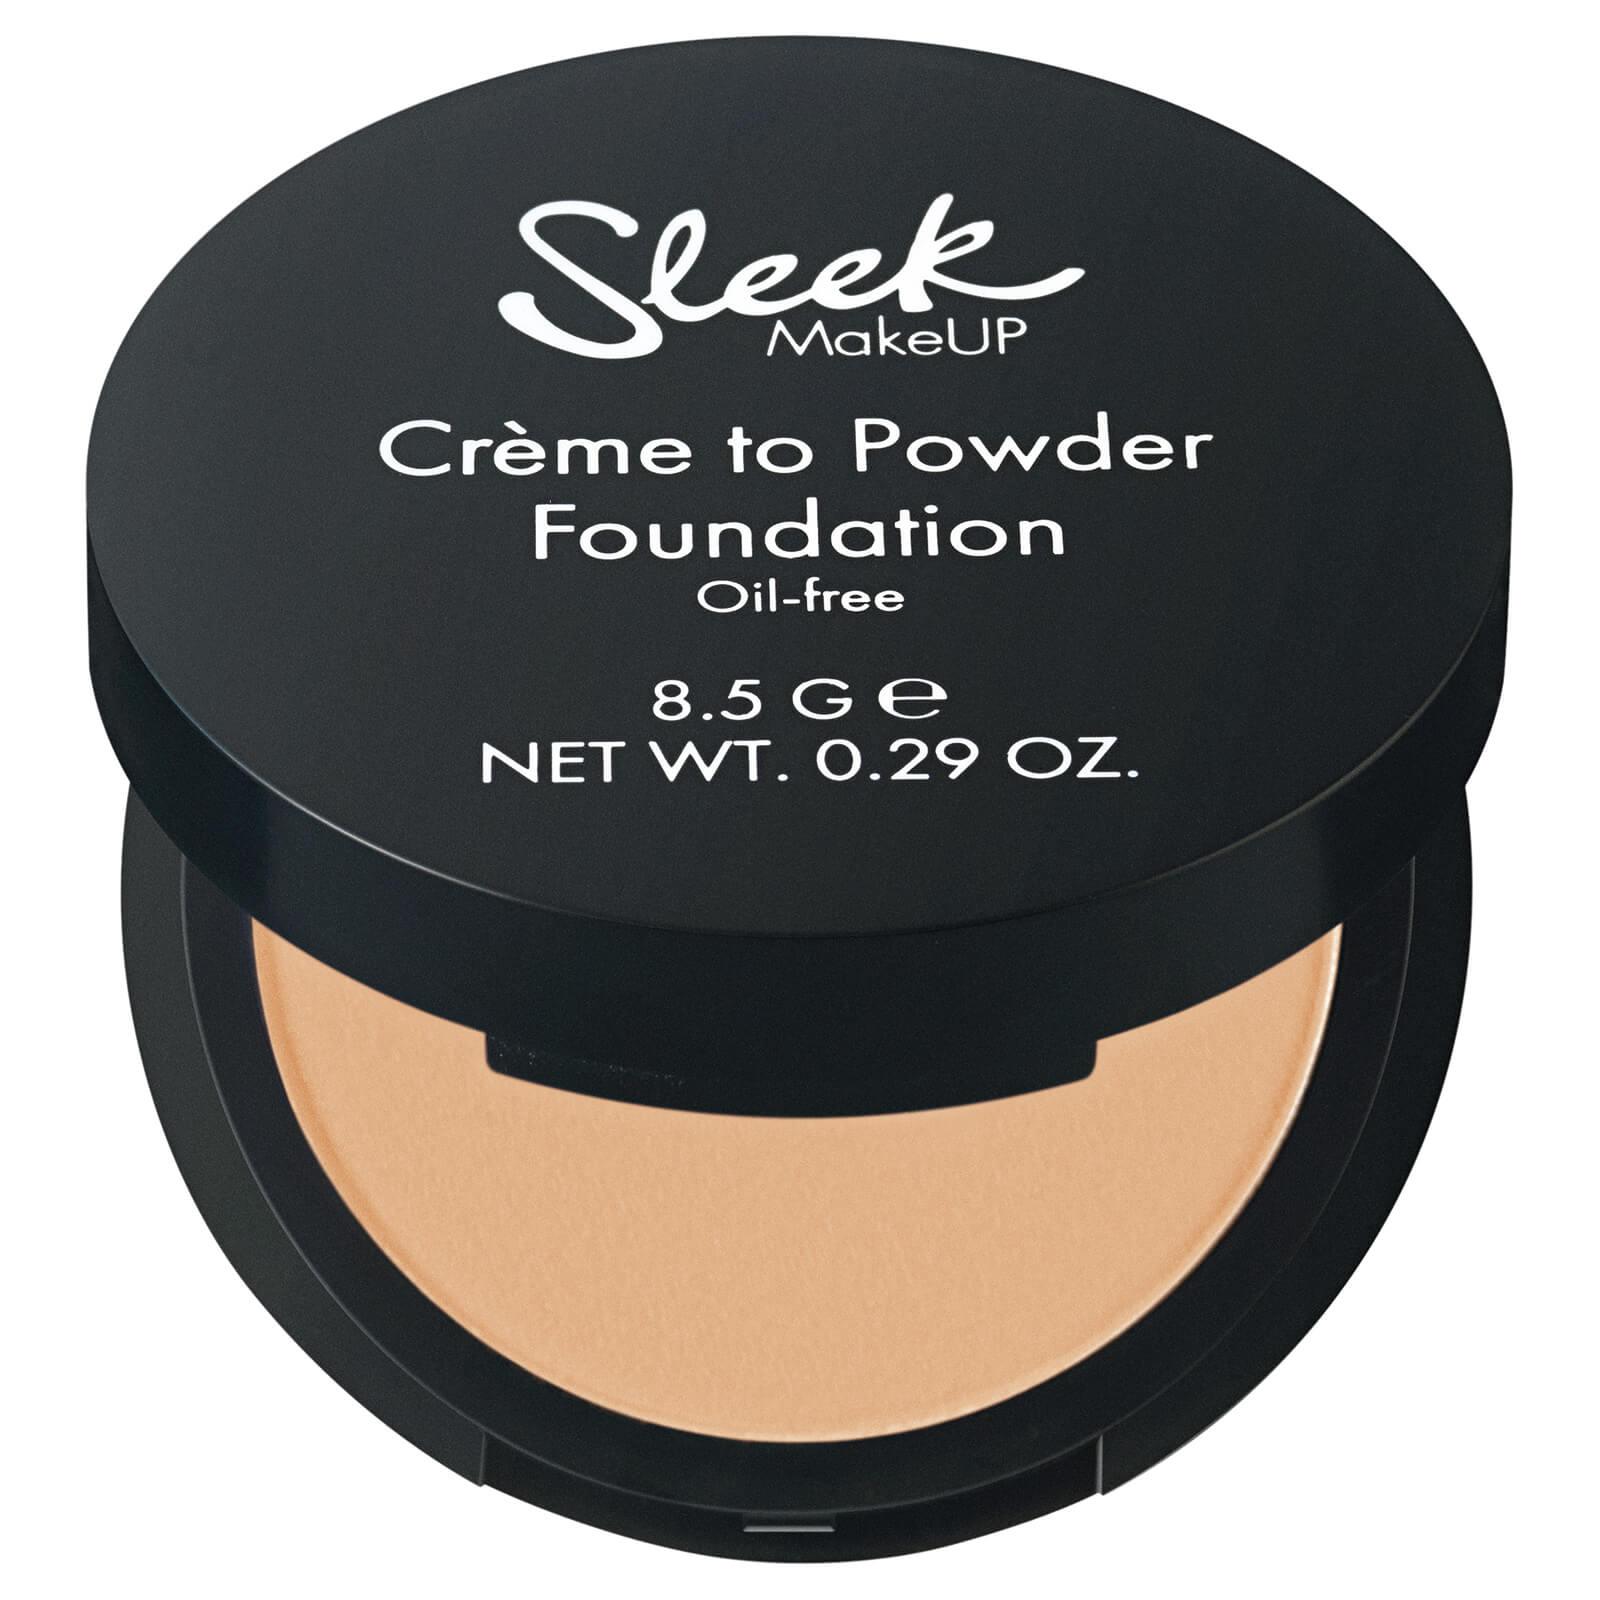 Купить Кремовая тональная основа Sleek MakeUP Creme to Powder Foundation 8, 5 г (различные оттенки) - C2P03